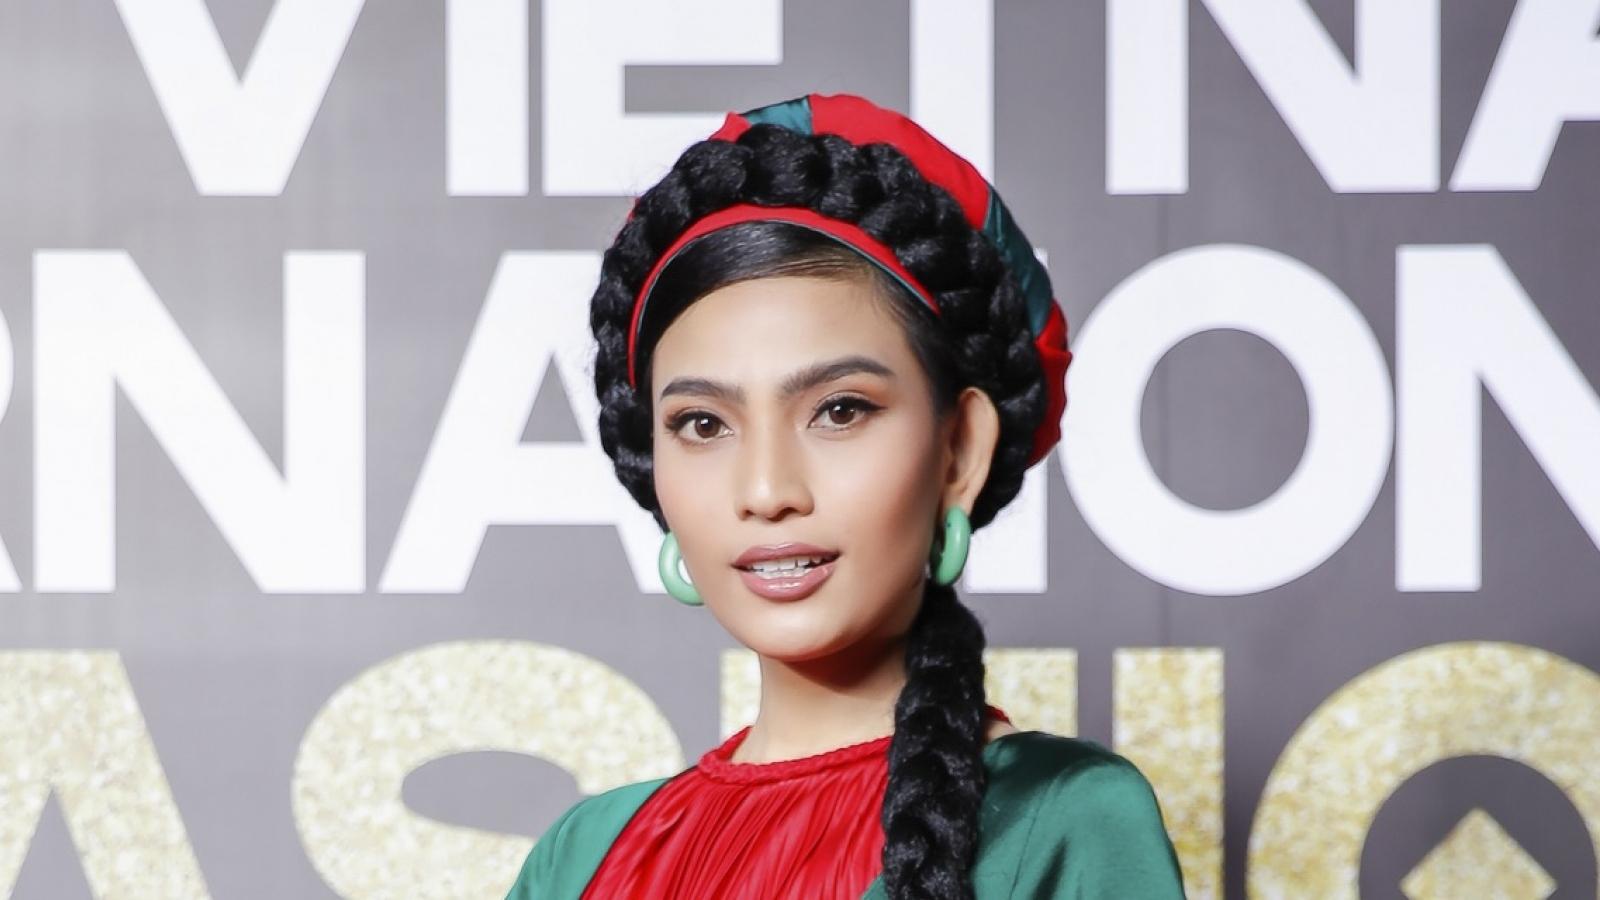 Trương Thị May tết tóc dài chấm đất, đội mấn xuất hiện trên thảm đỏ thời trang